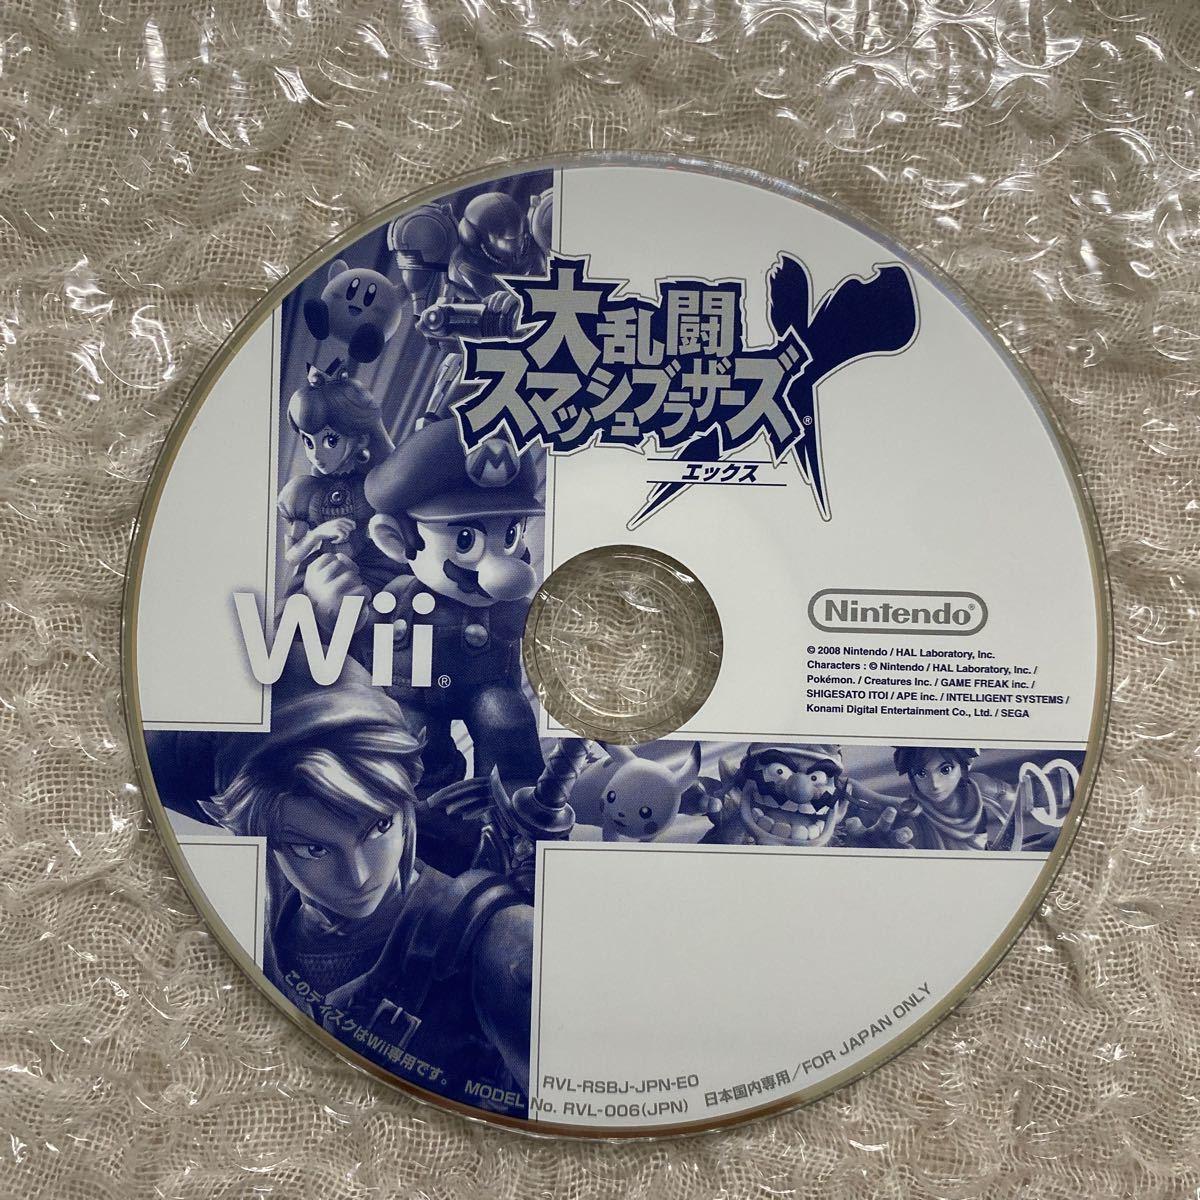 【Wii】大乱闘スマッシュブラザーズ ソフト